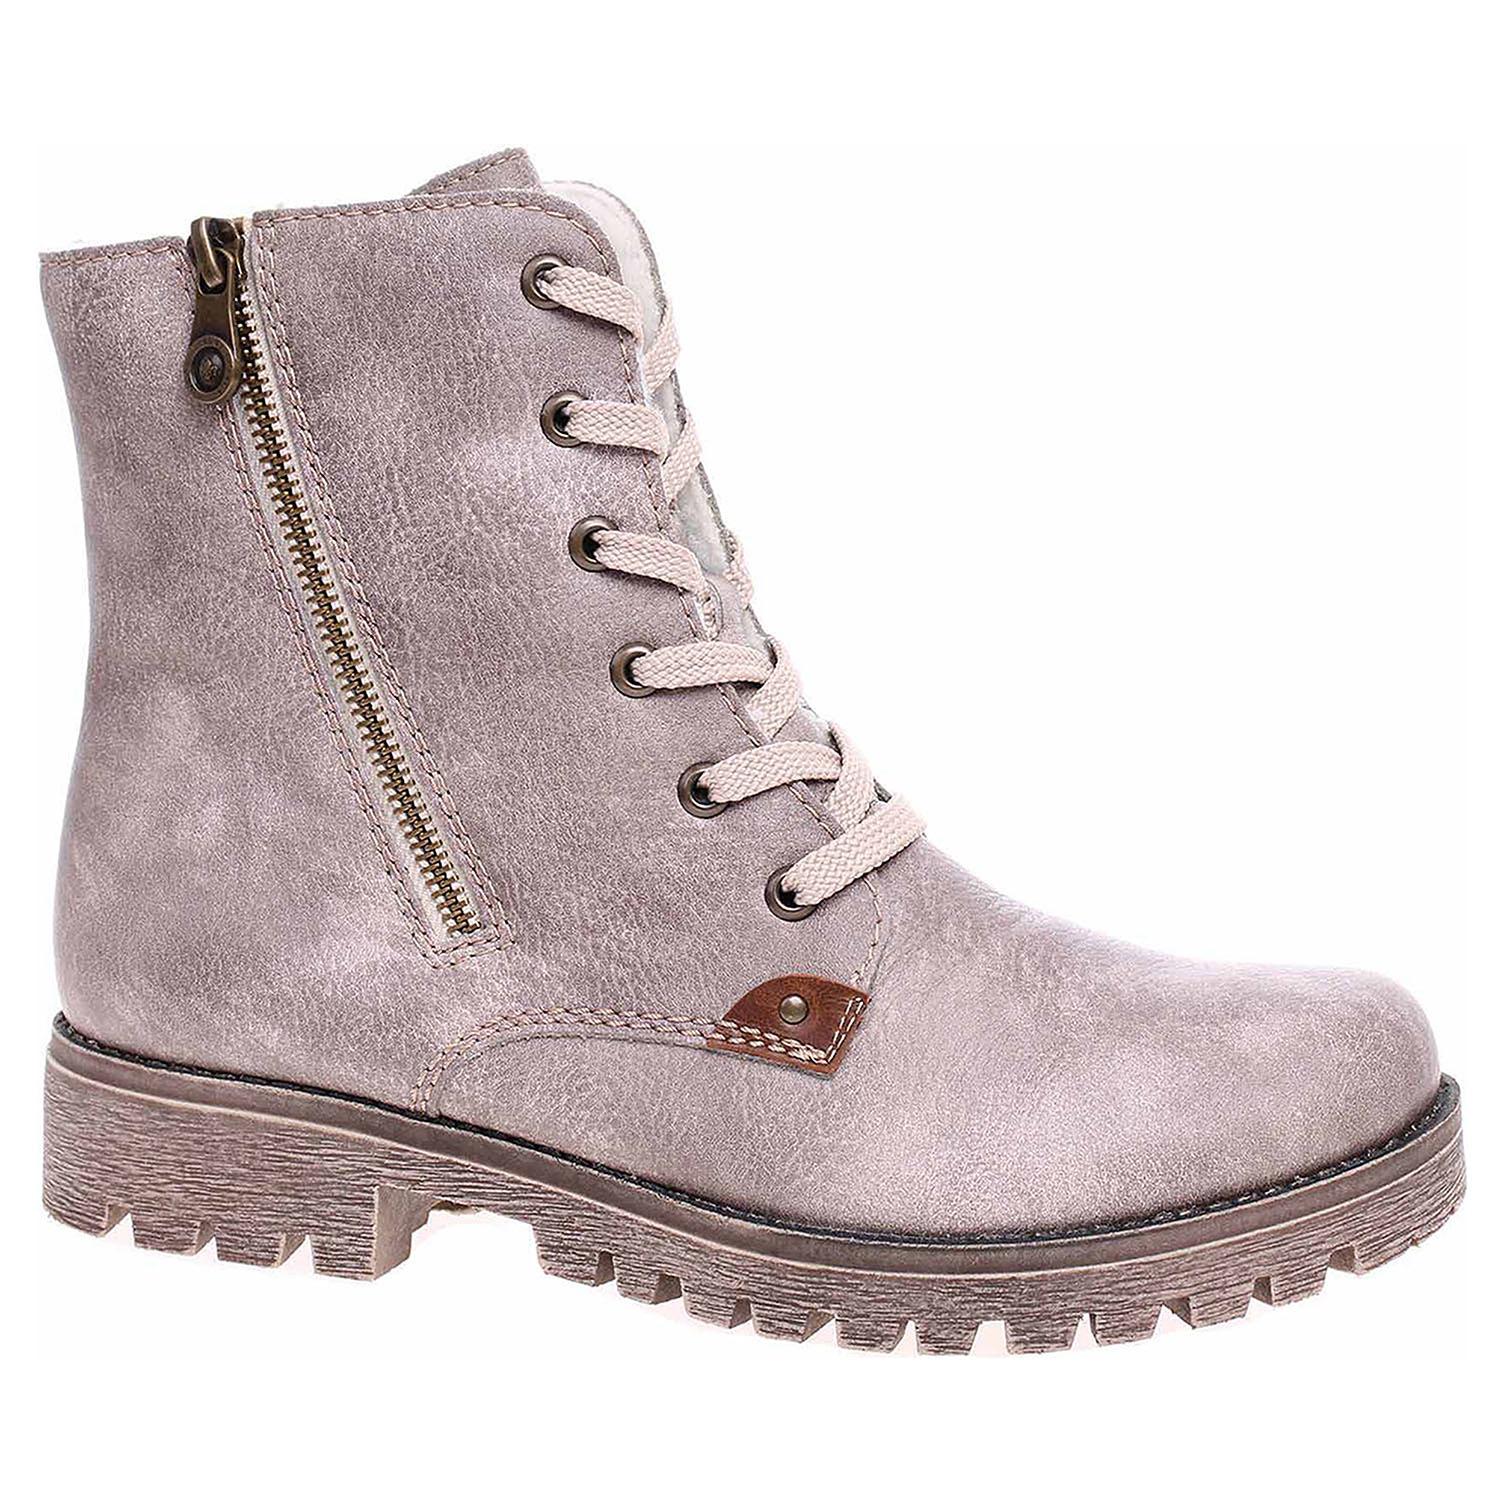 ecb0d7fddf9c1 Dámska členkové topánky Rieker 78539-42 grau | REJNOK obuv